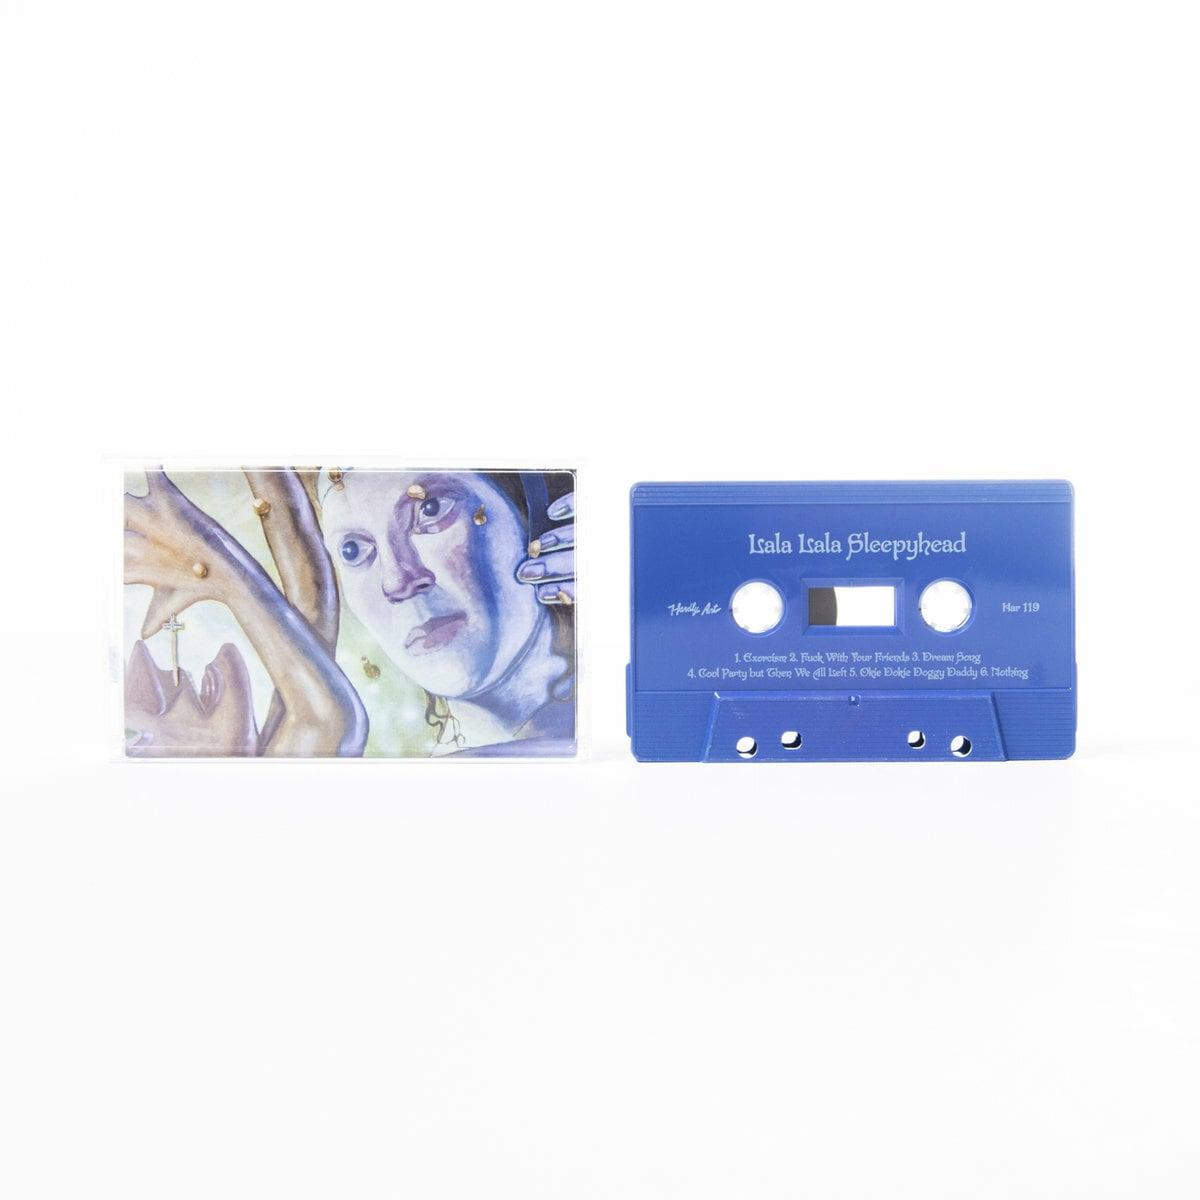 Lala Lala / Sleepyhead(Cassette)